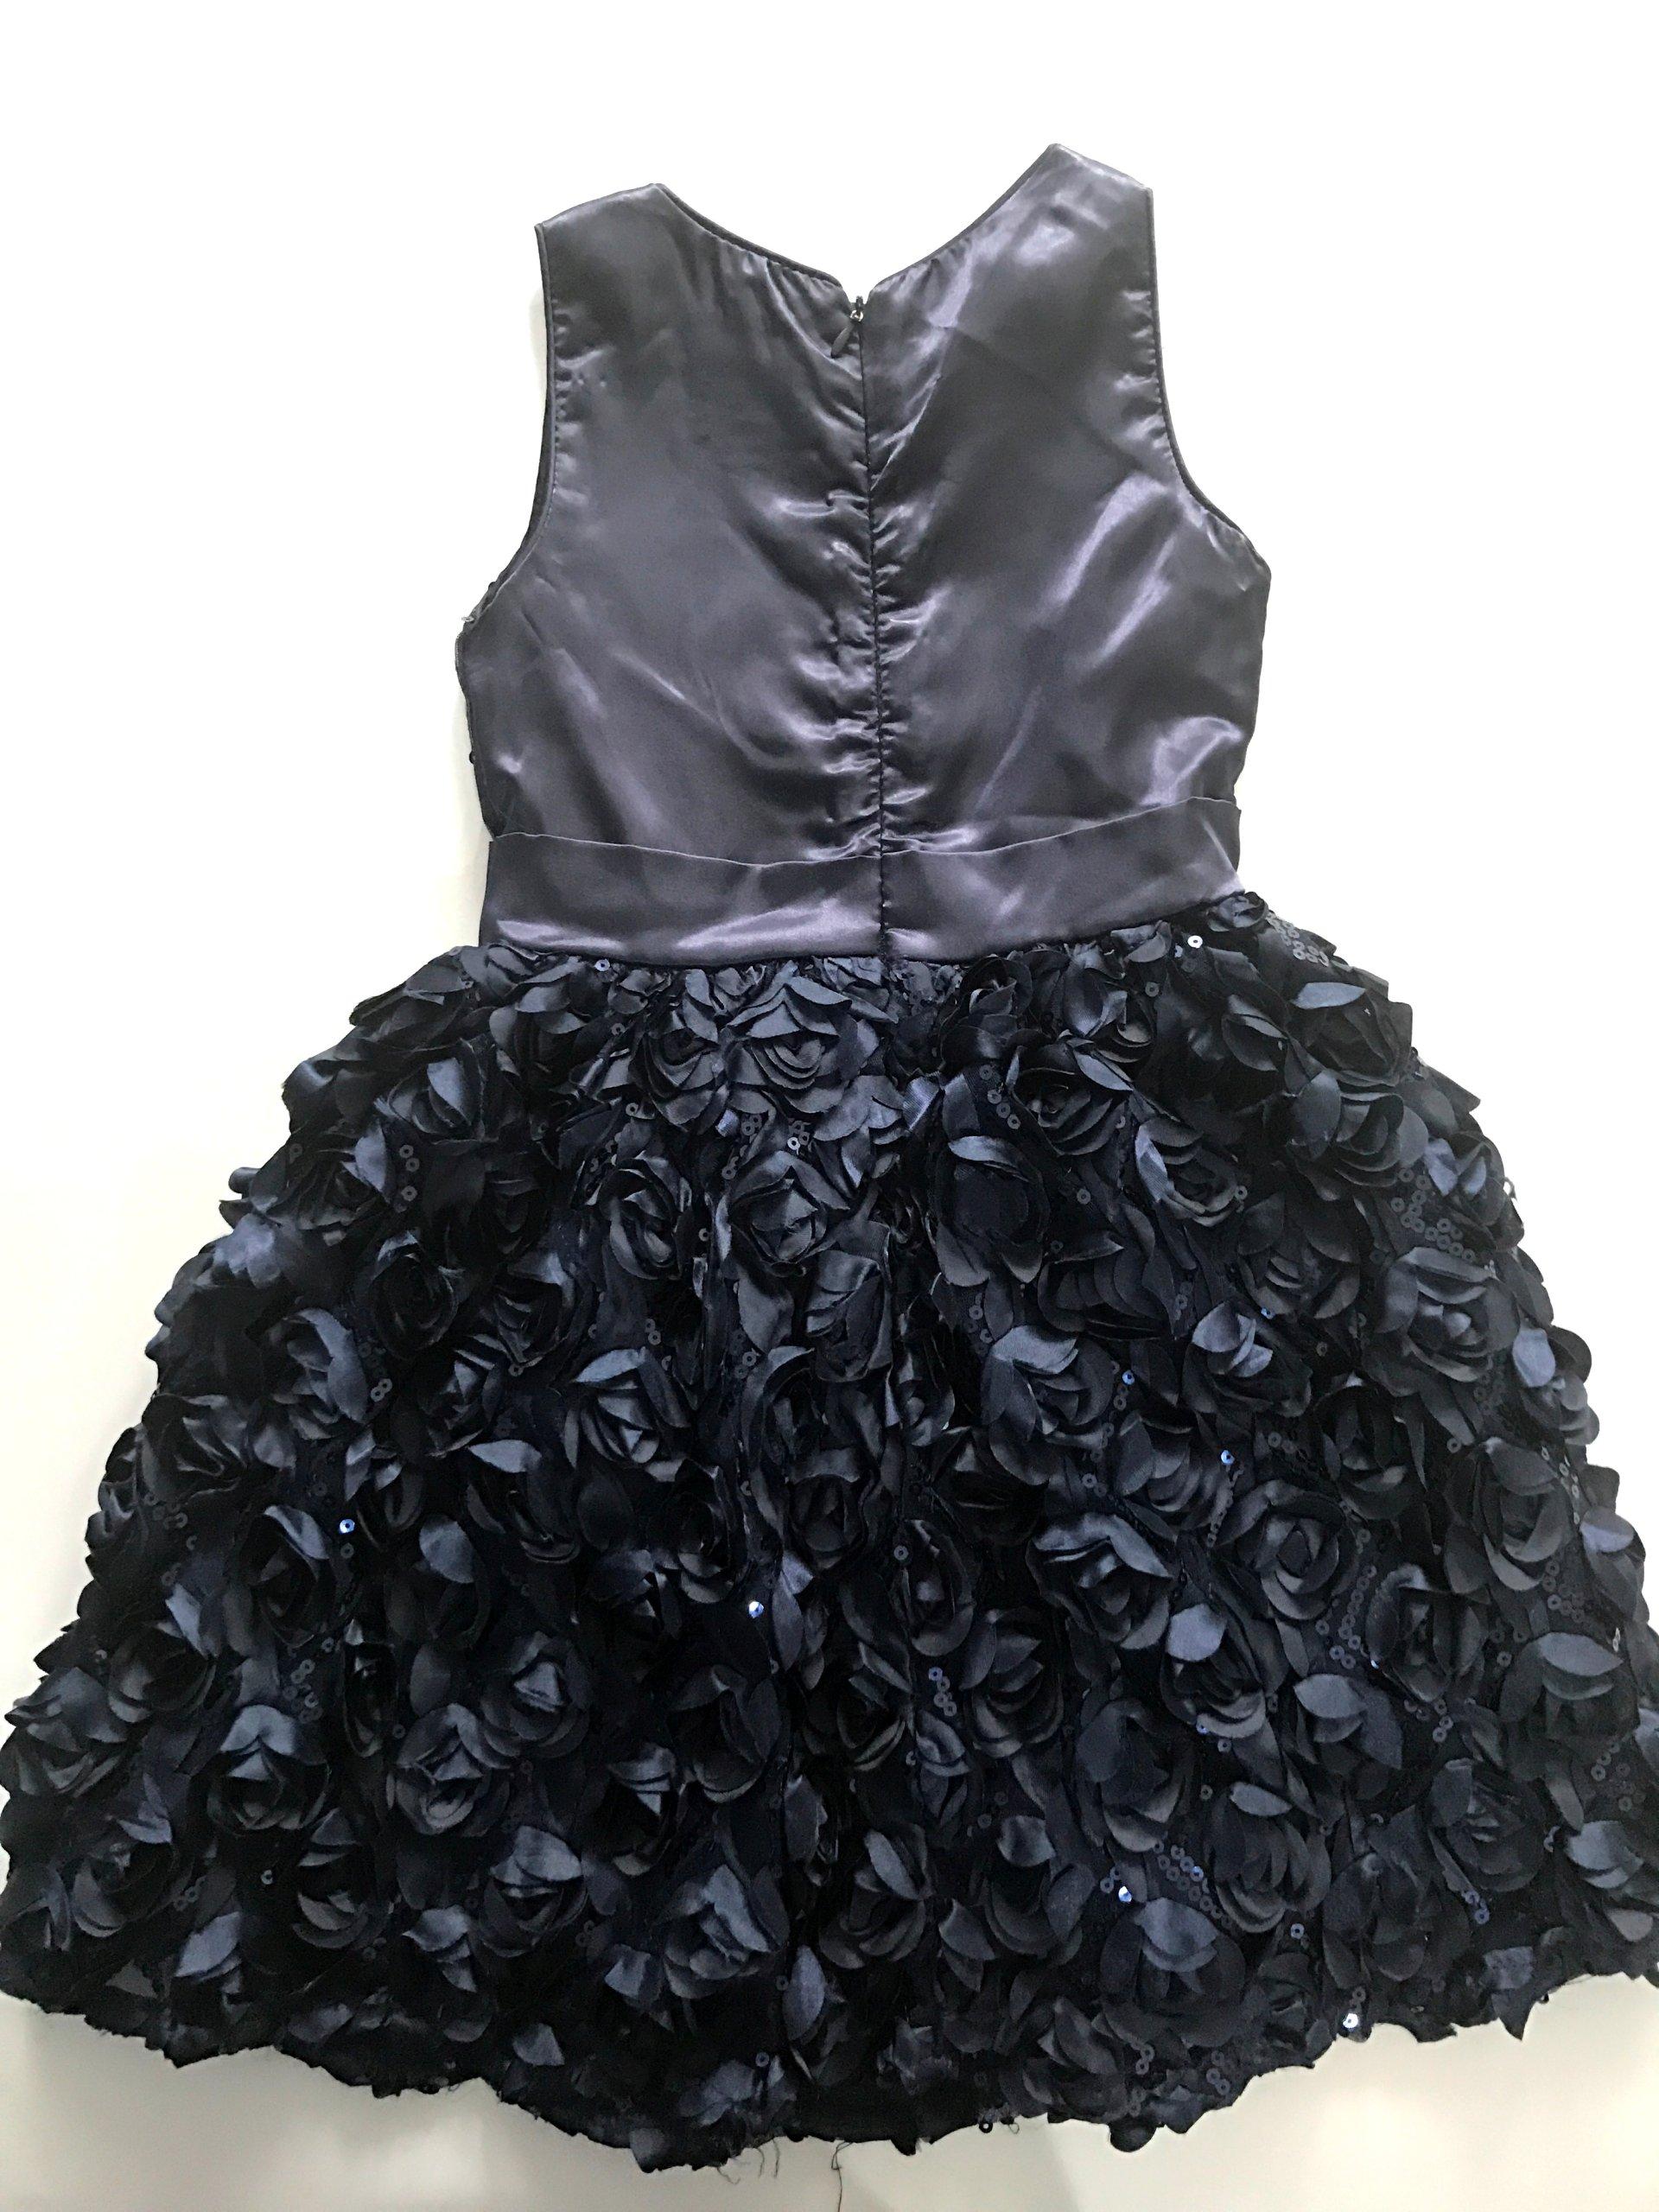 b733683096515b COOL CLUB granatowa wyjściowa sukienka j.NOWA 116 - 7437126321 ...